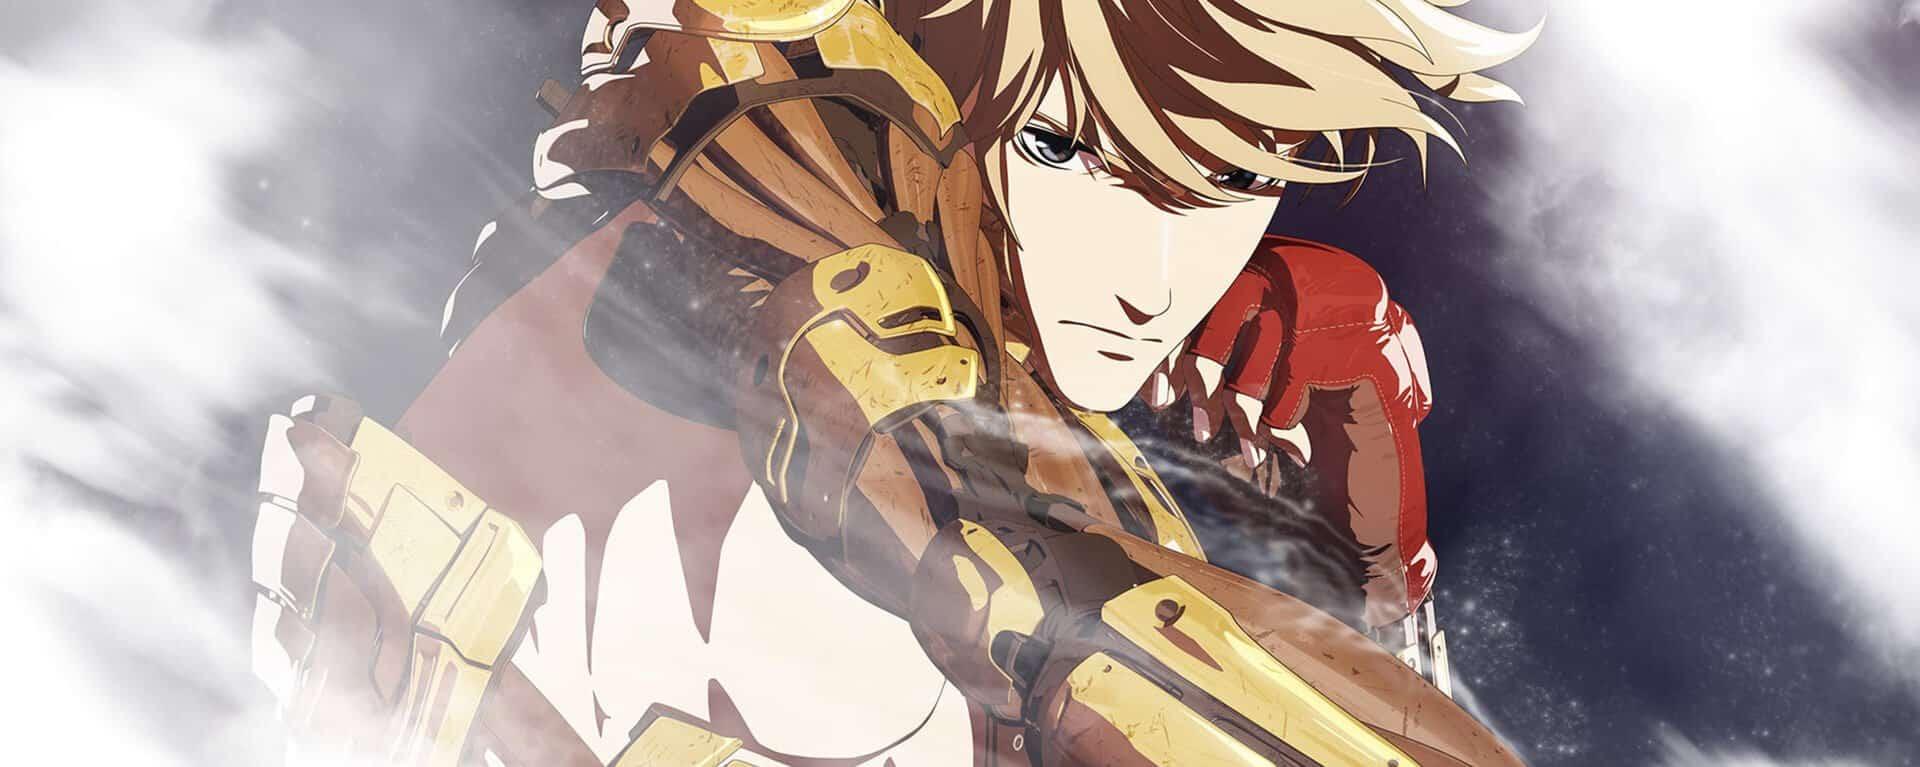 capa do anime levis de boxe onde o protagonista desvia de um jab